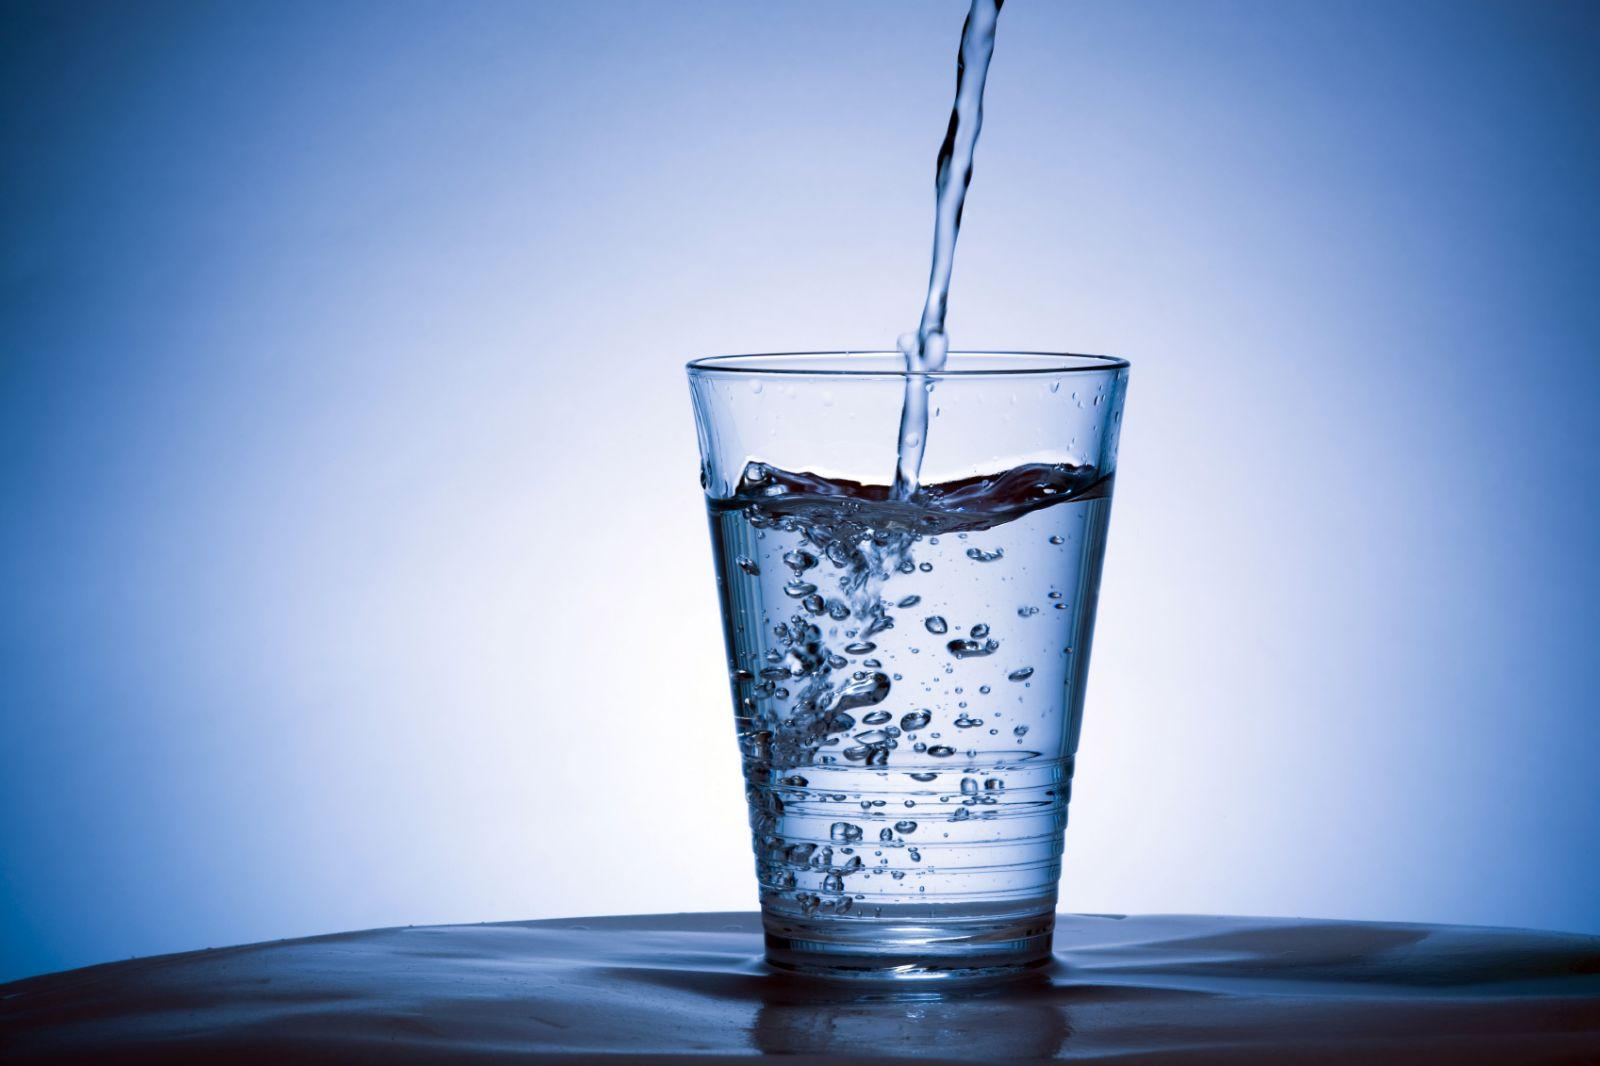 Uống nước trước khi ngủ quá nhiều không tốt cho sức khỏe